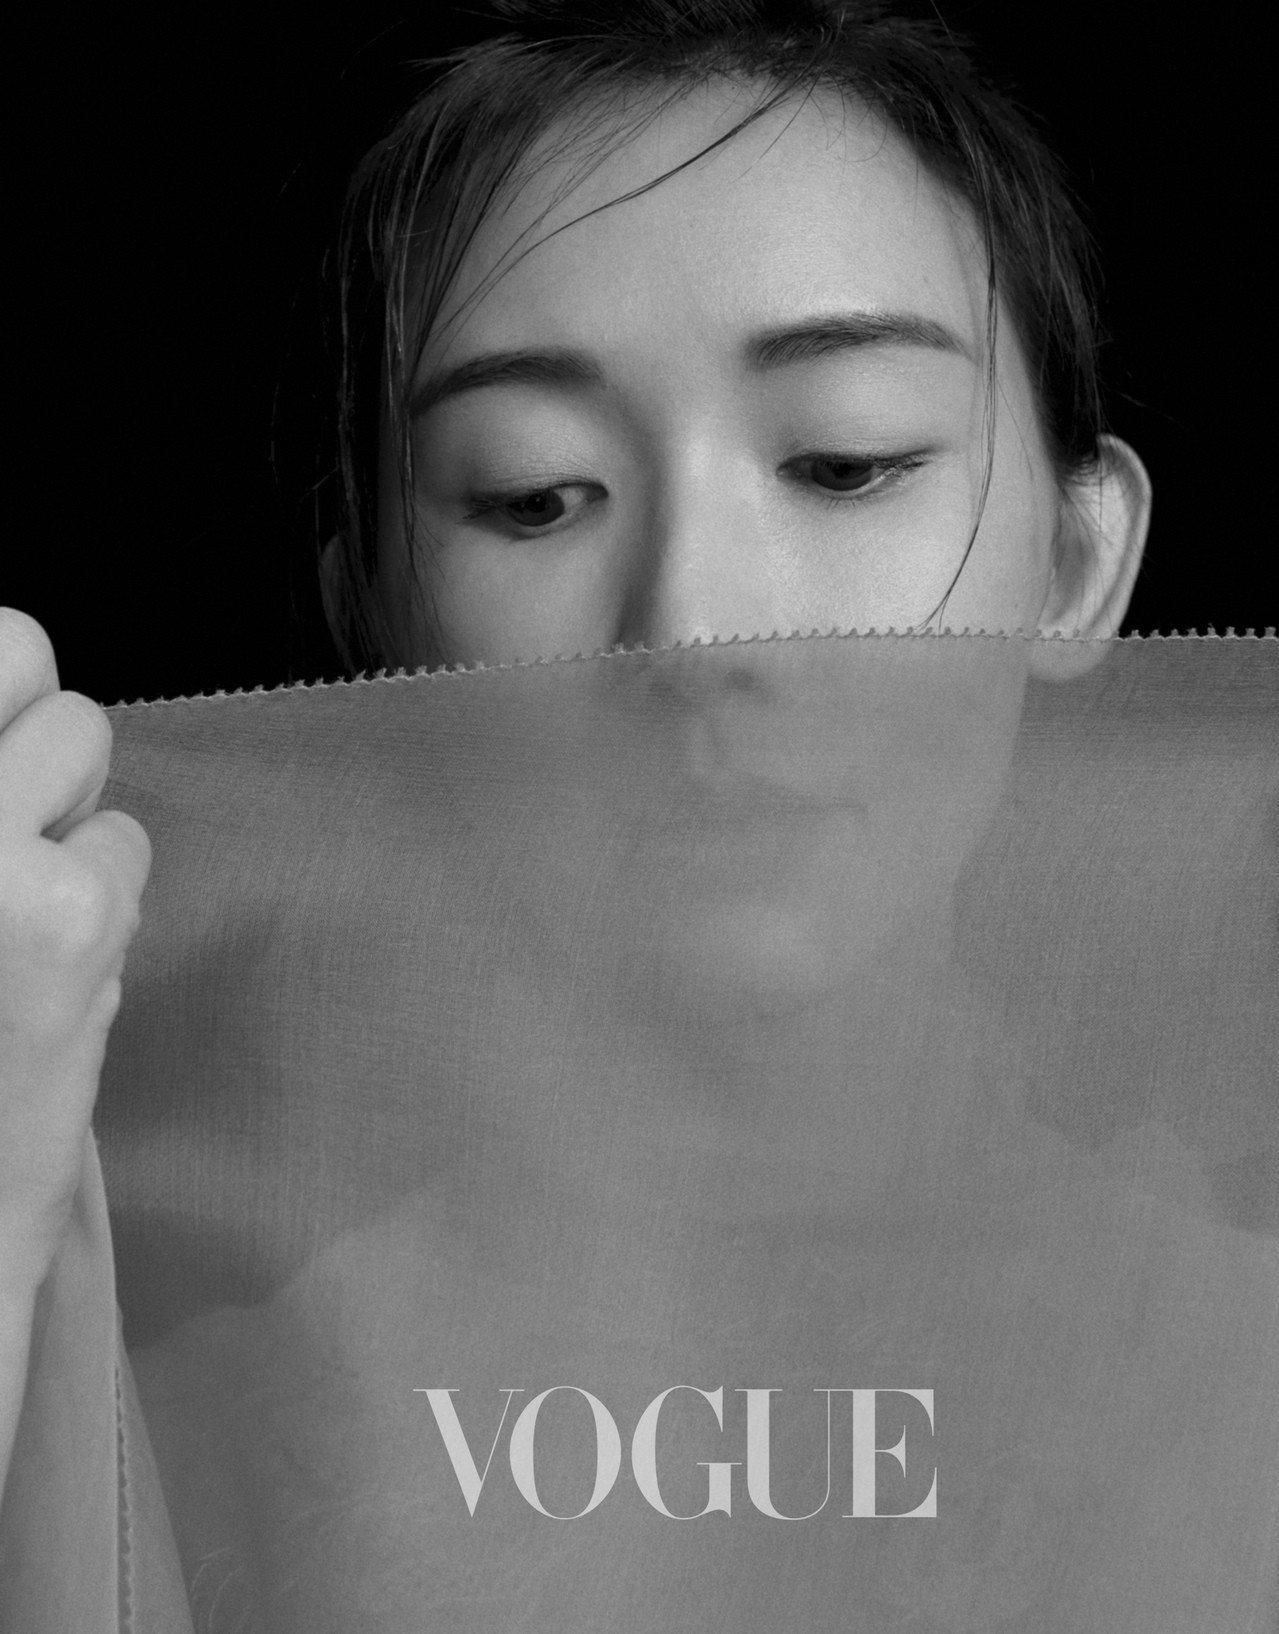 VOGUE雜誌提供